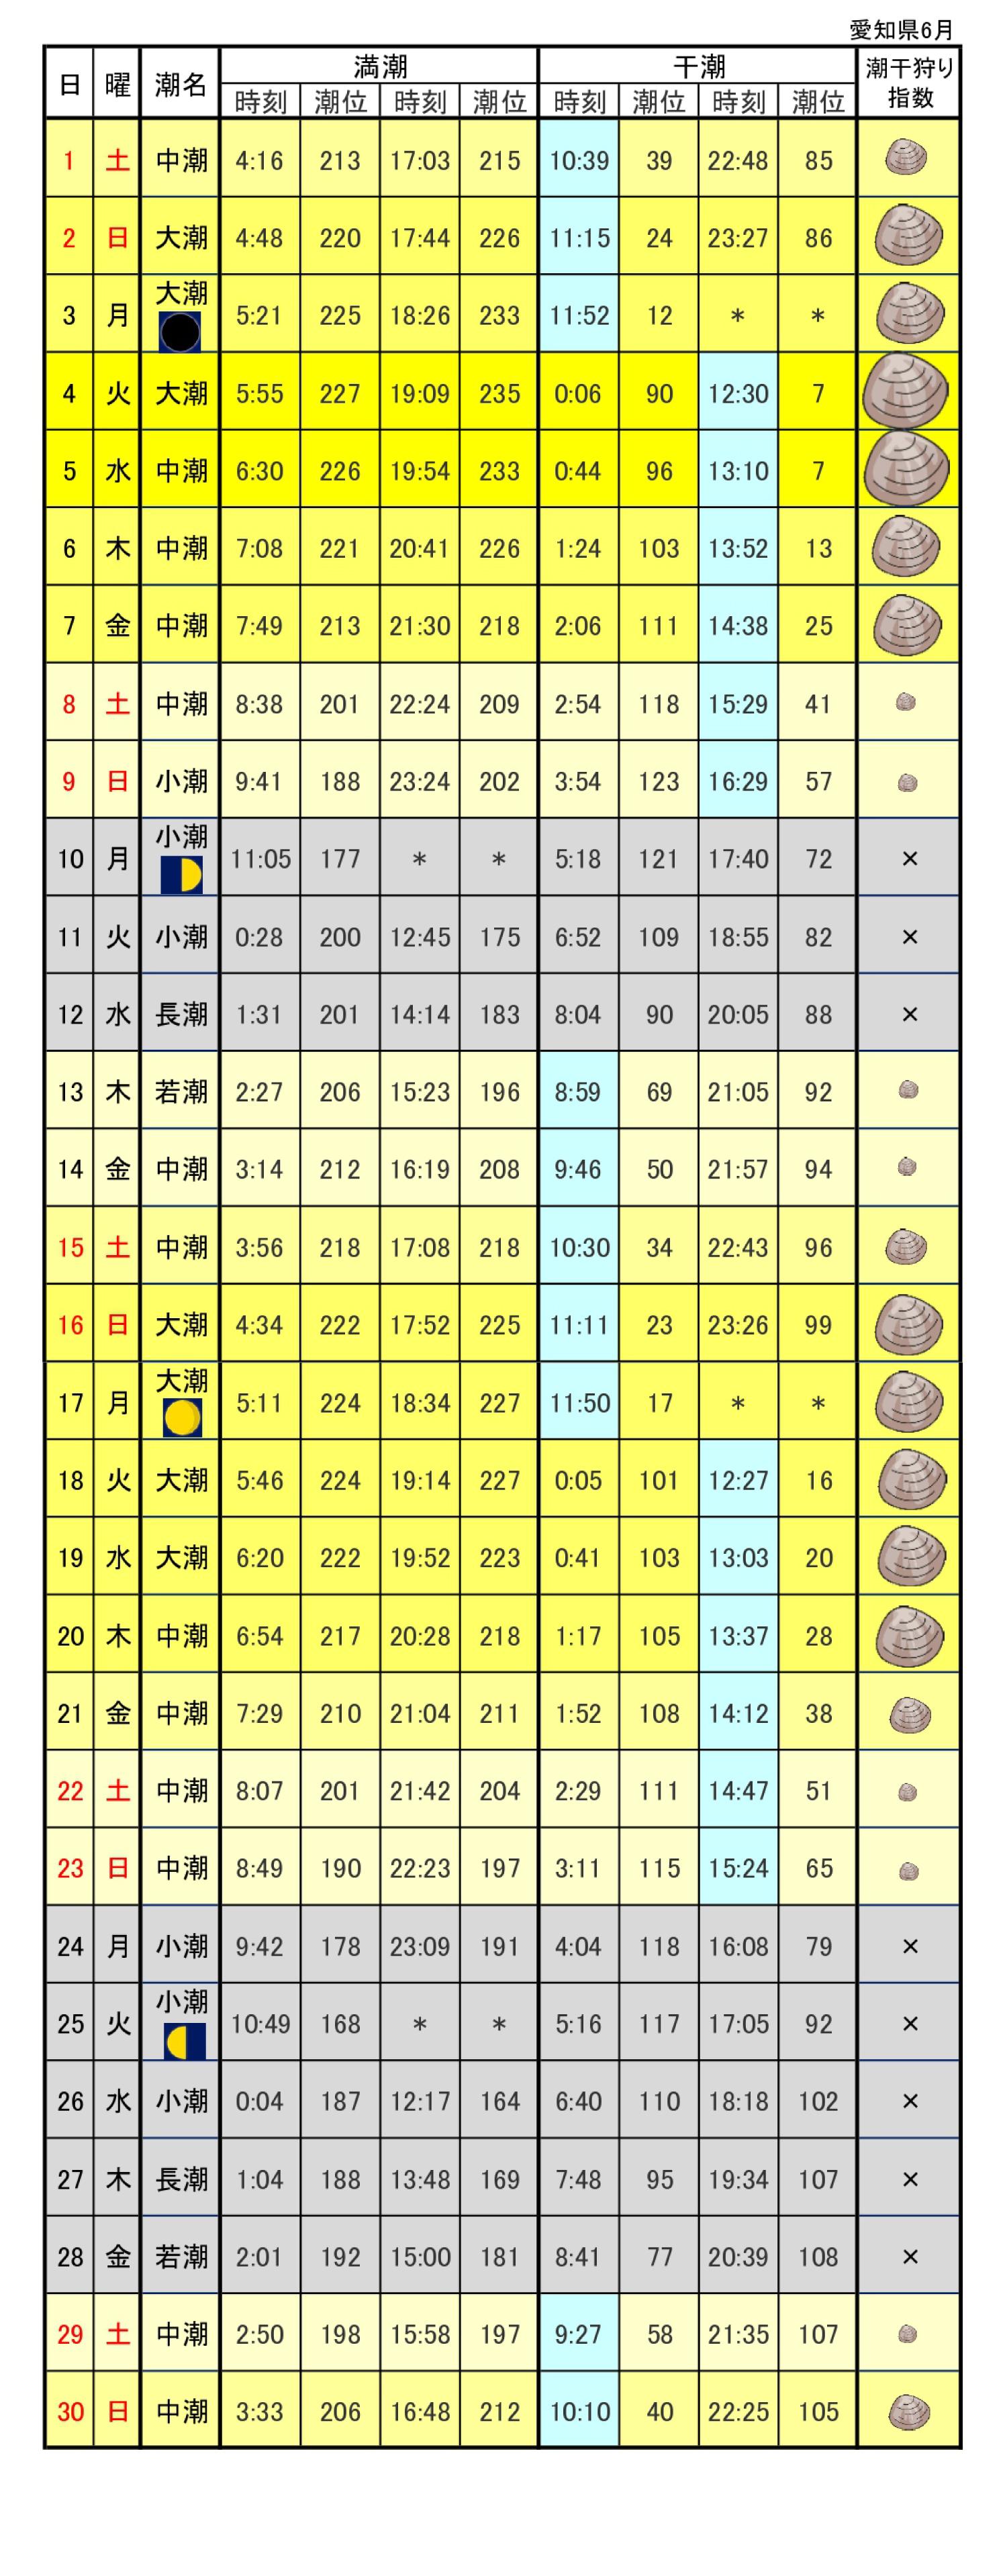 愛知県干狩りカレンダー2019年6月